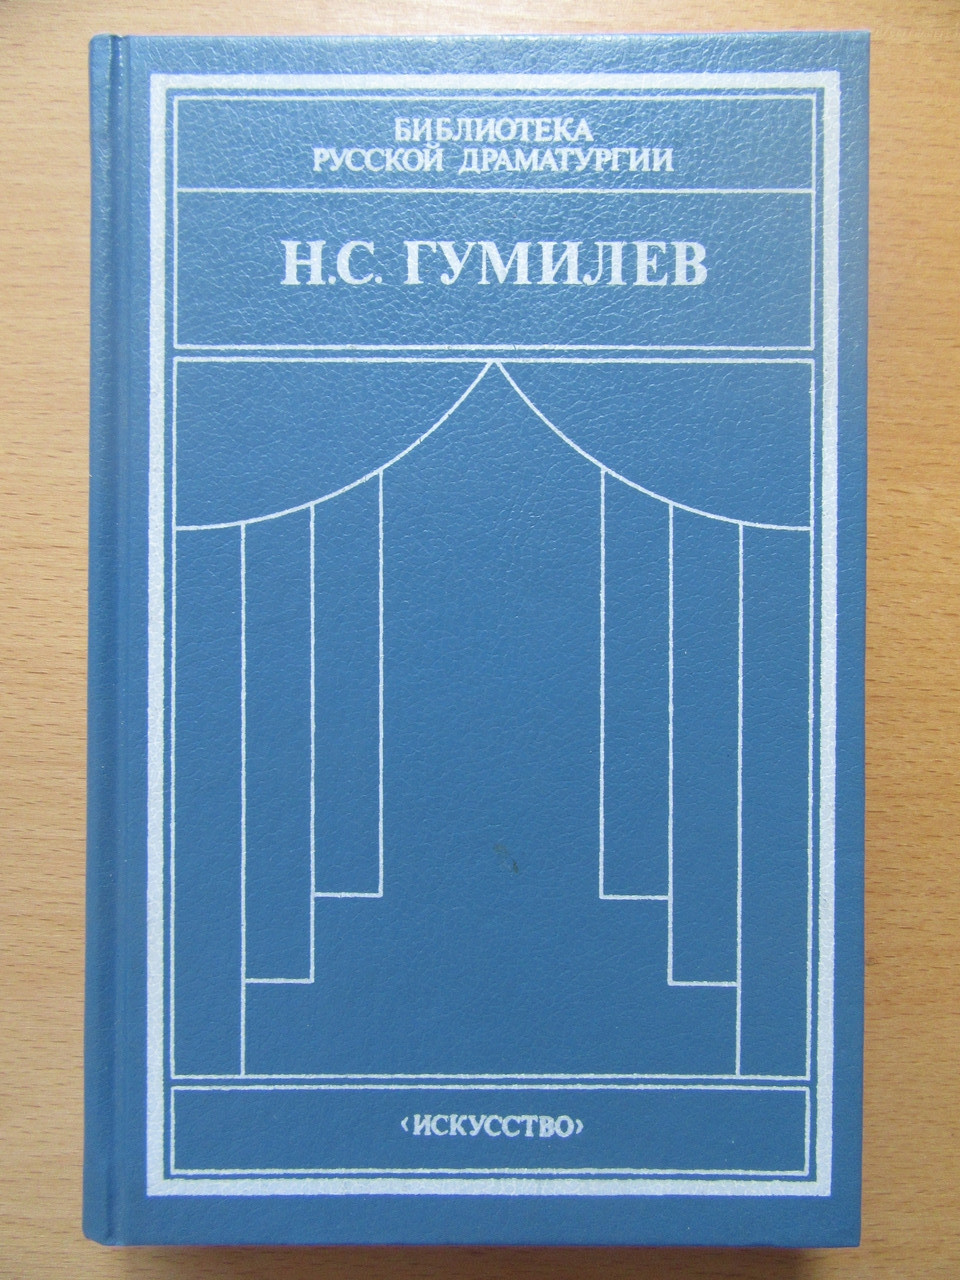 Н.С.Гумилев. Драматические произведения. Переводы. Статьи